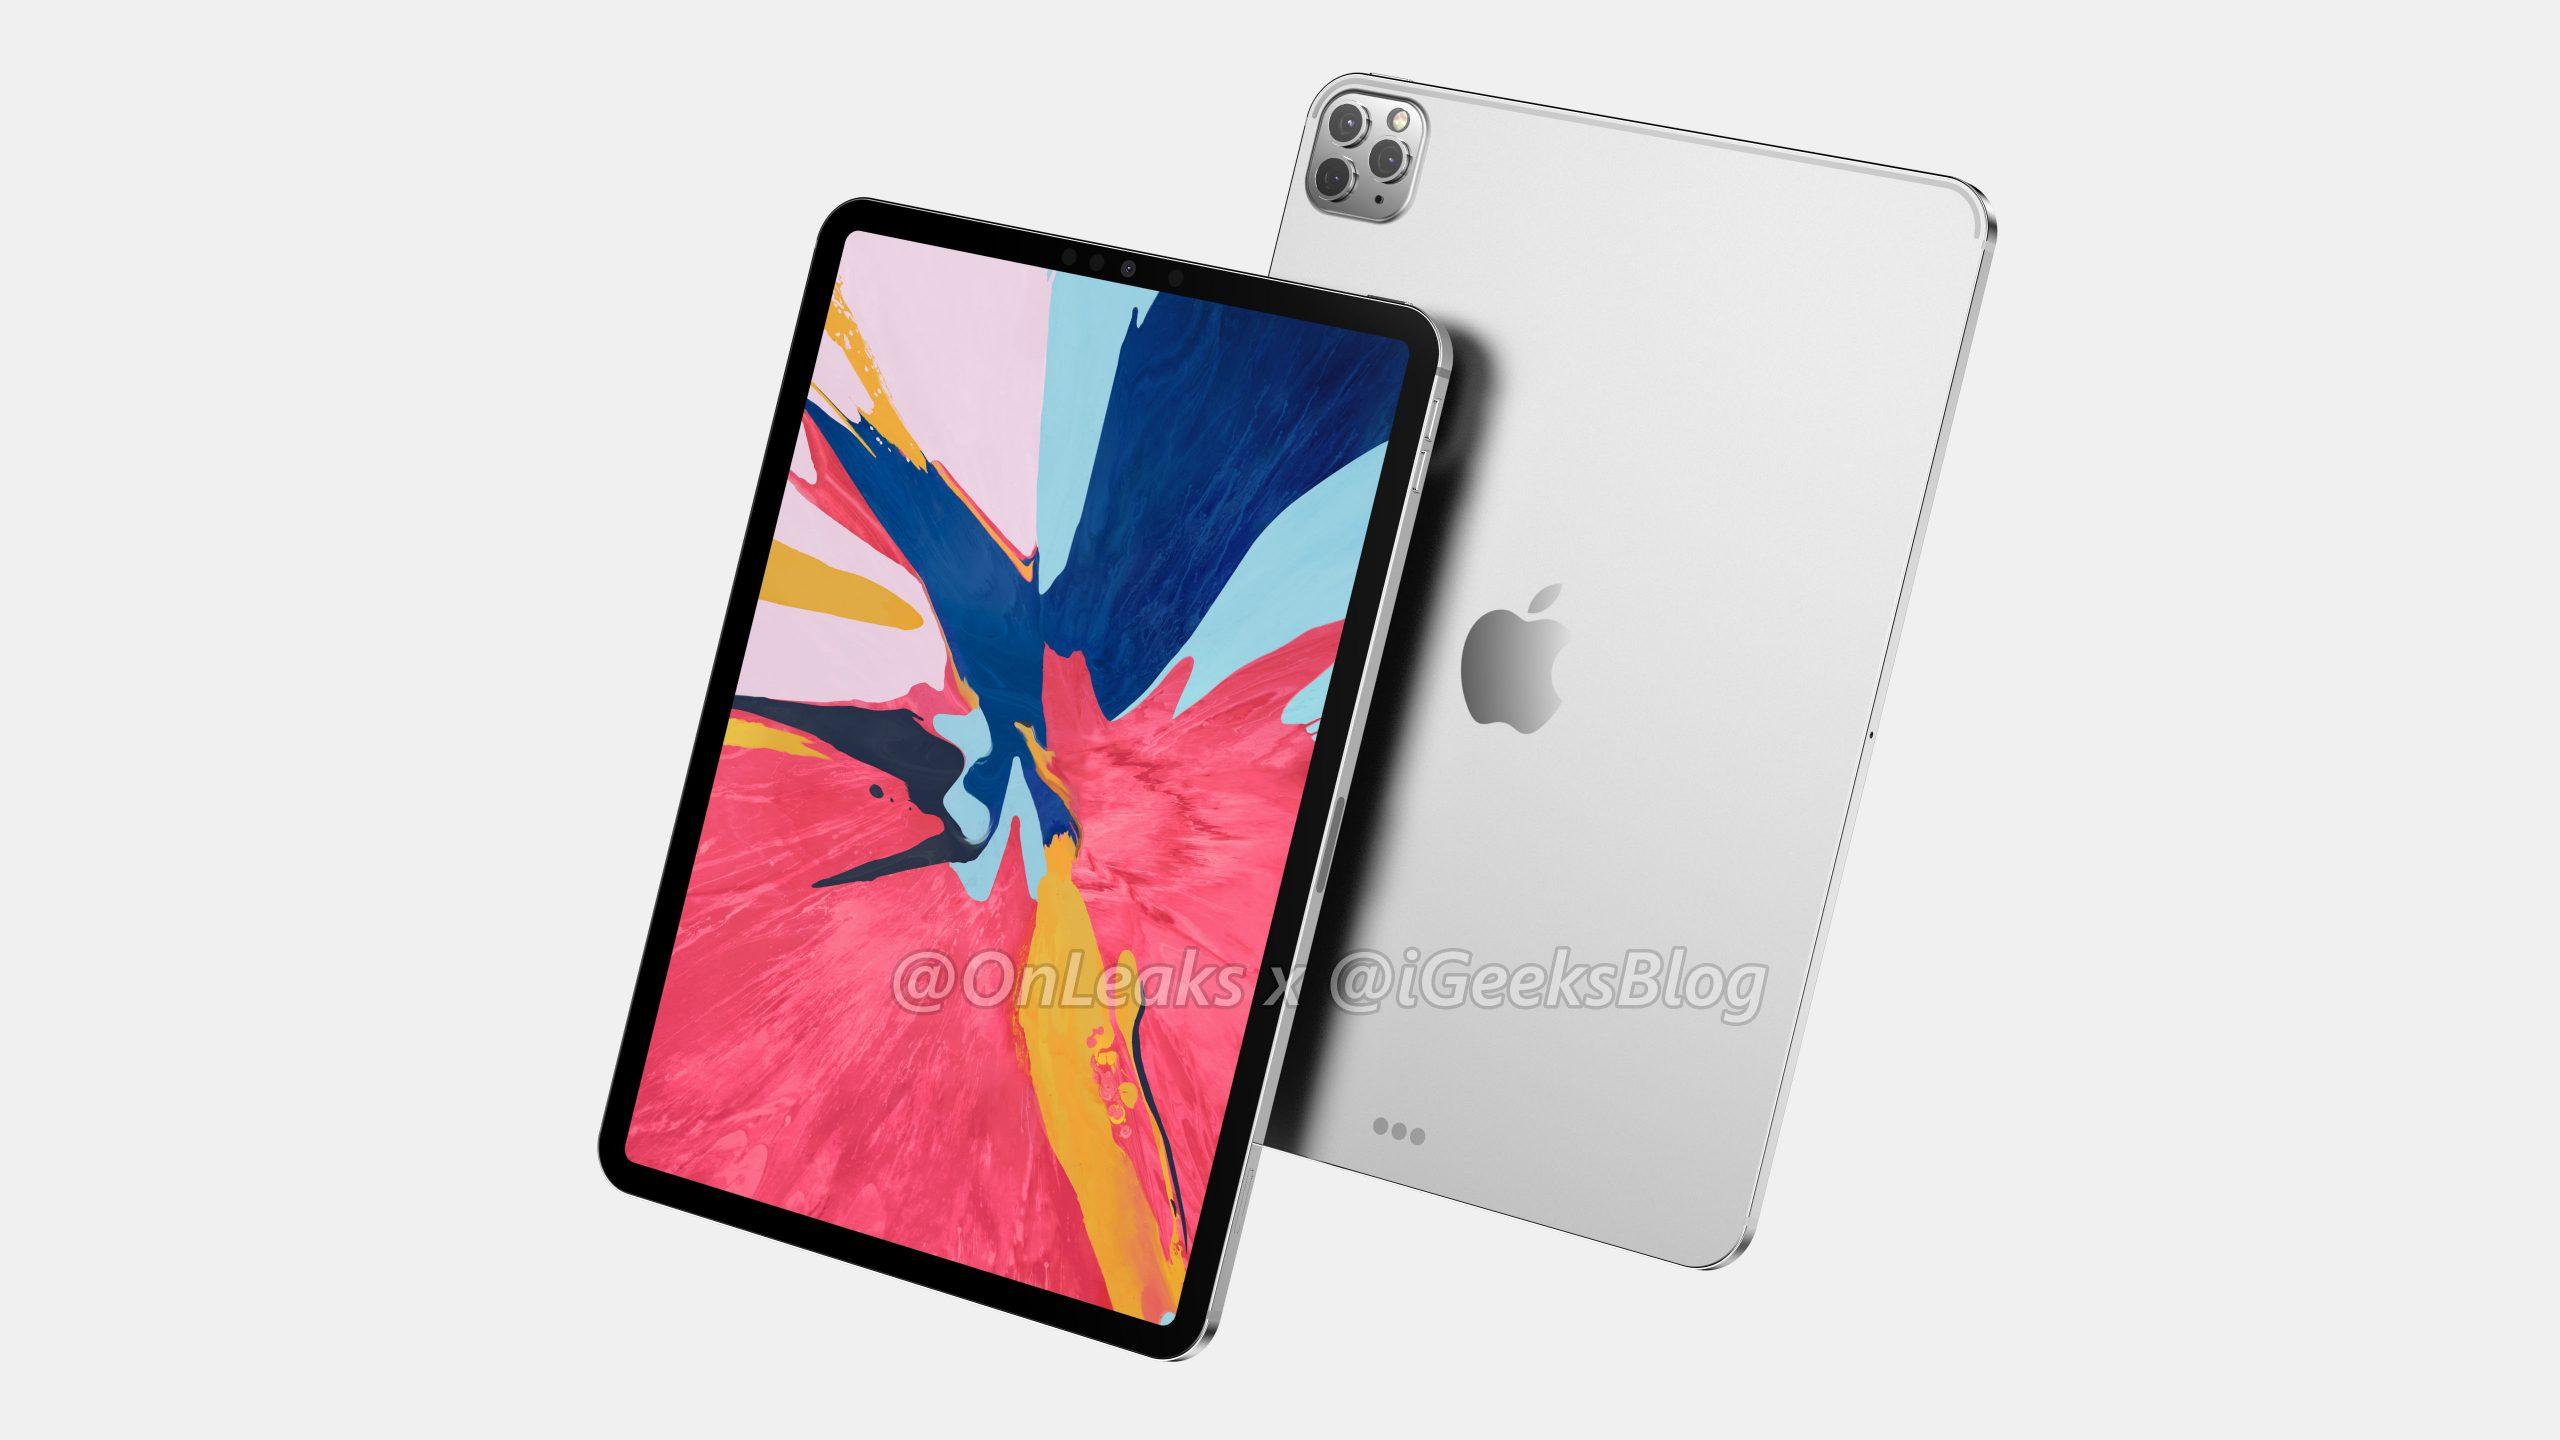 Le design de l'iPad Pro 2020 a fuité — Apple